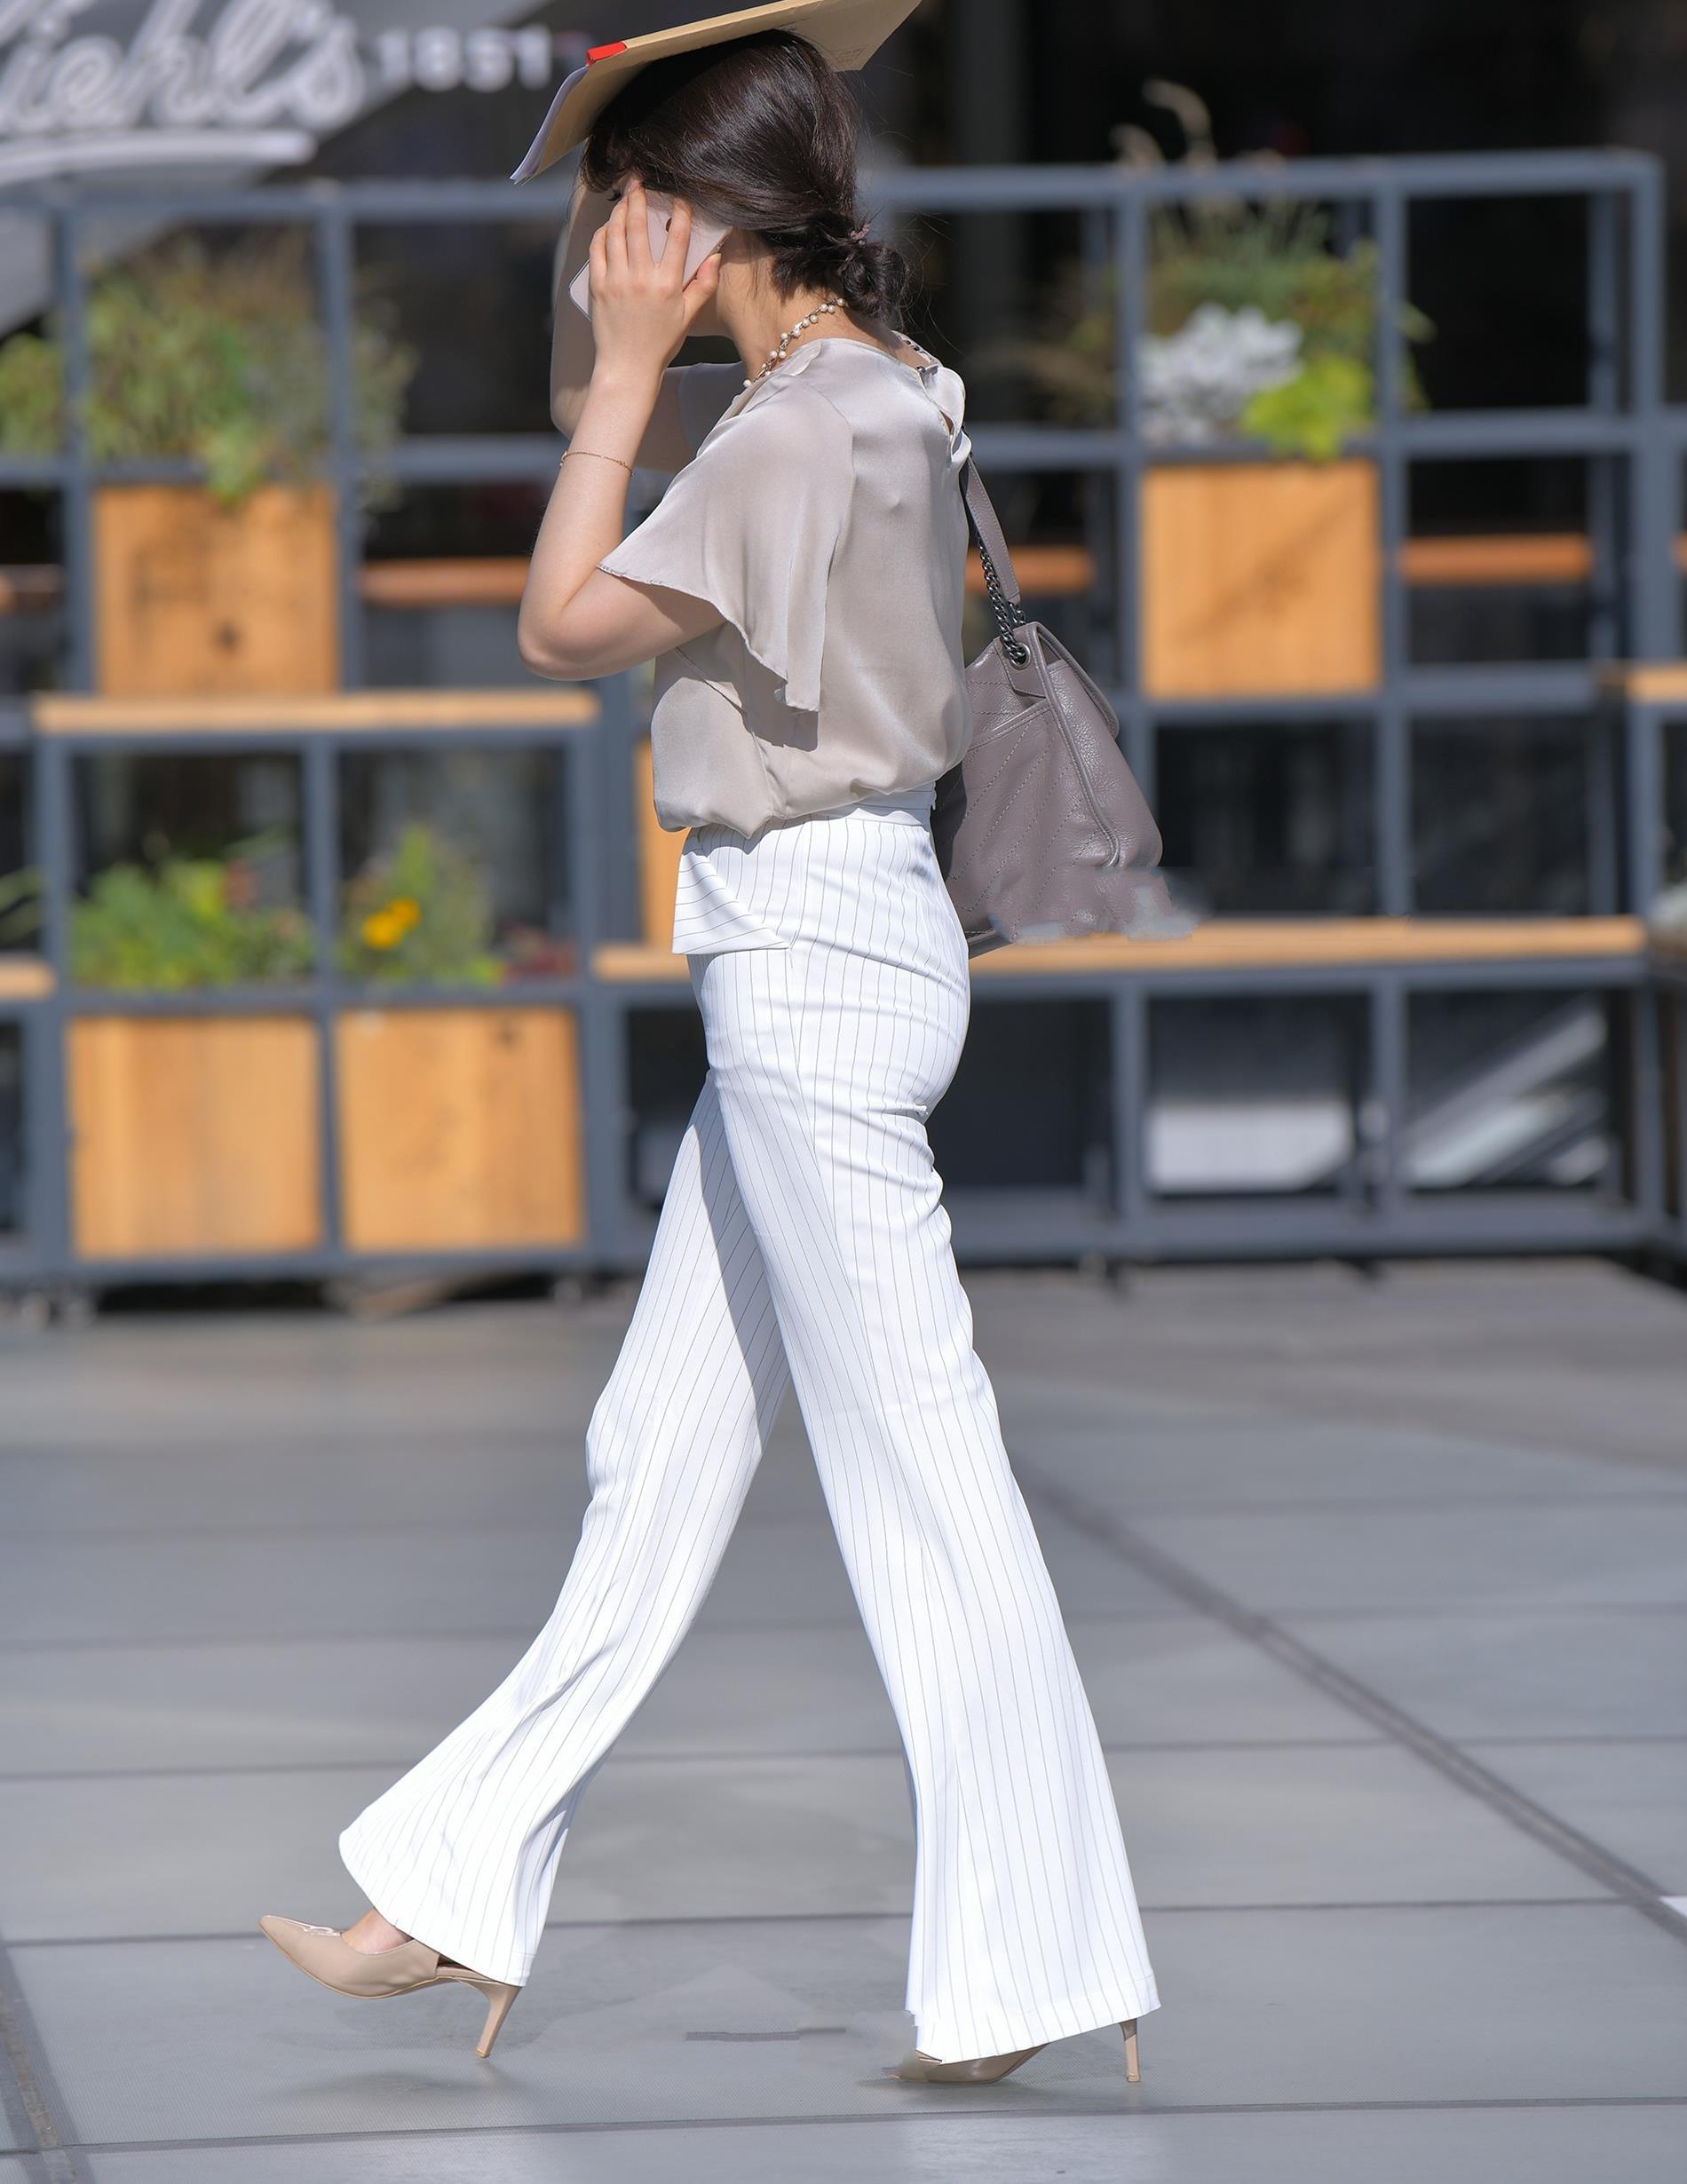 杏色雪纺衫搭配白色阔腿裤,精致时尚,职场范十足